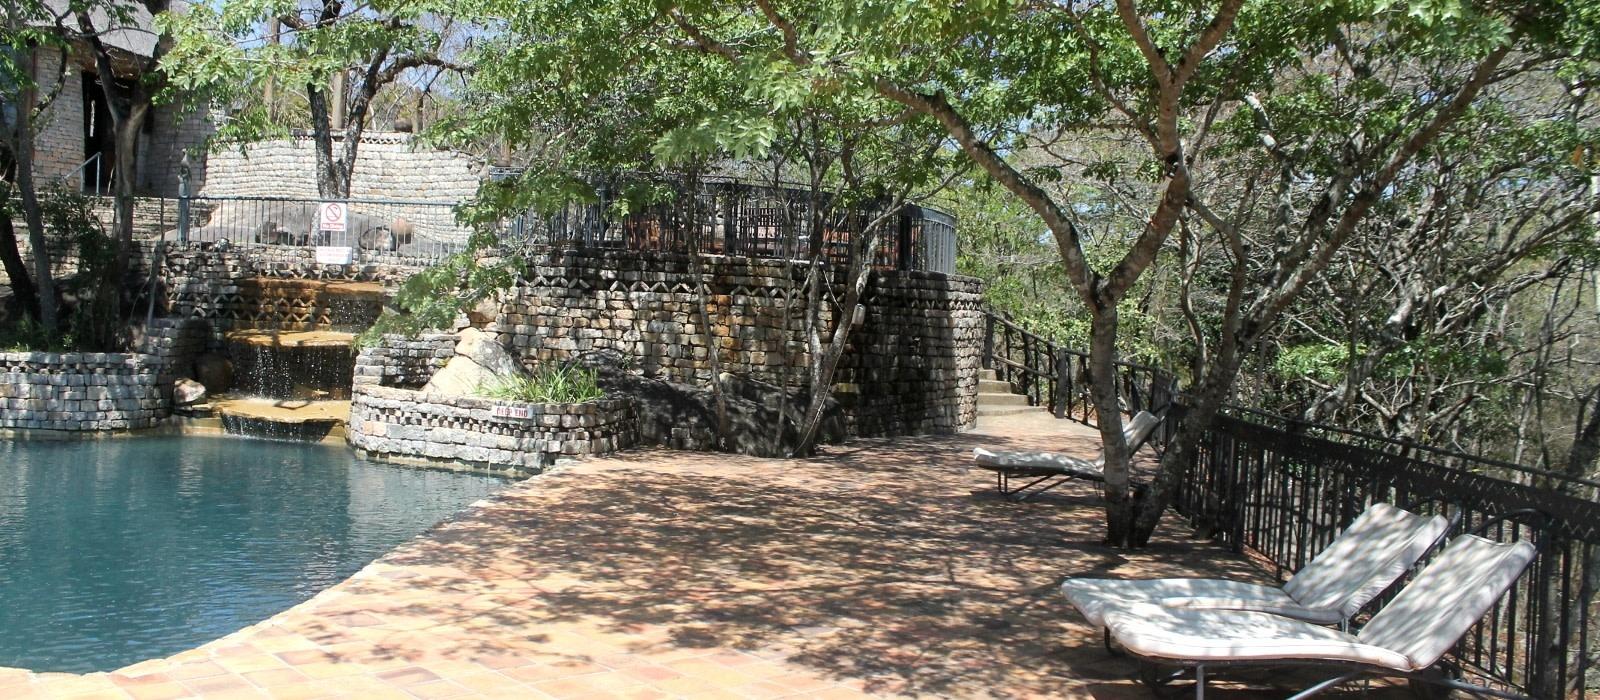 Hotel Lodge at the Ancient City Zimbabwe